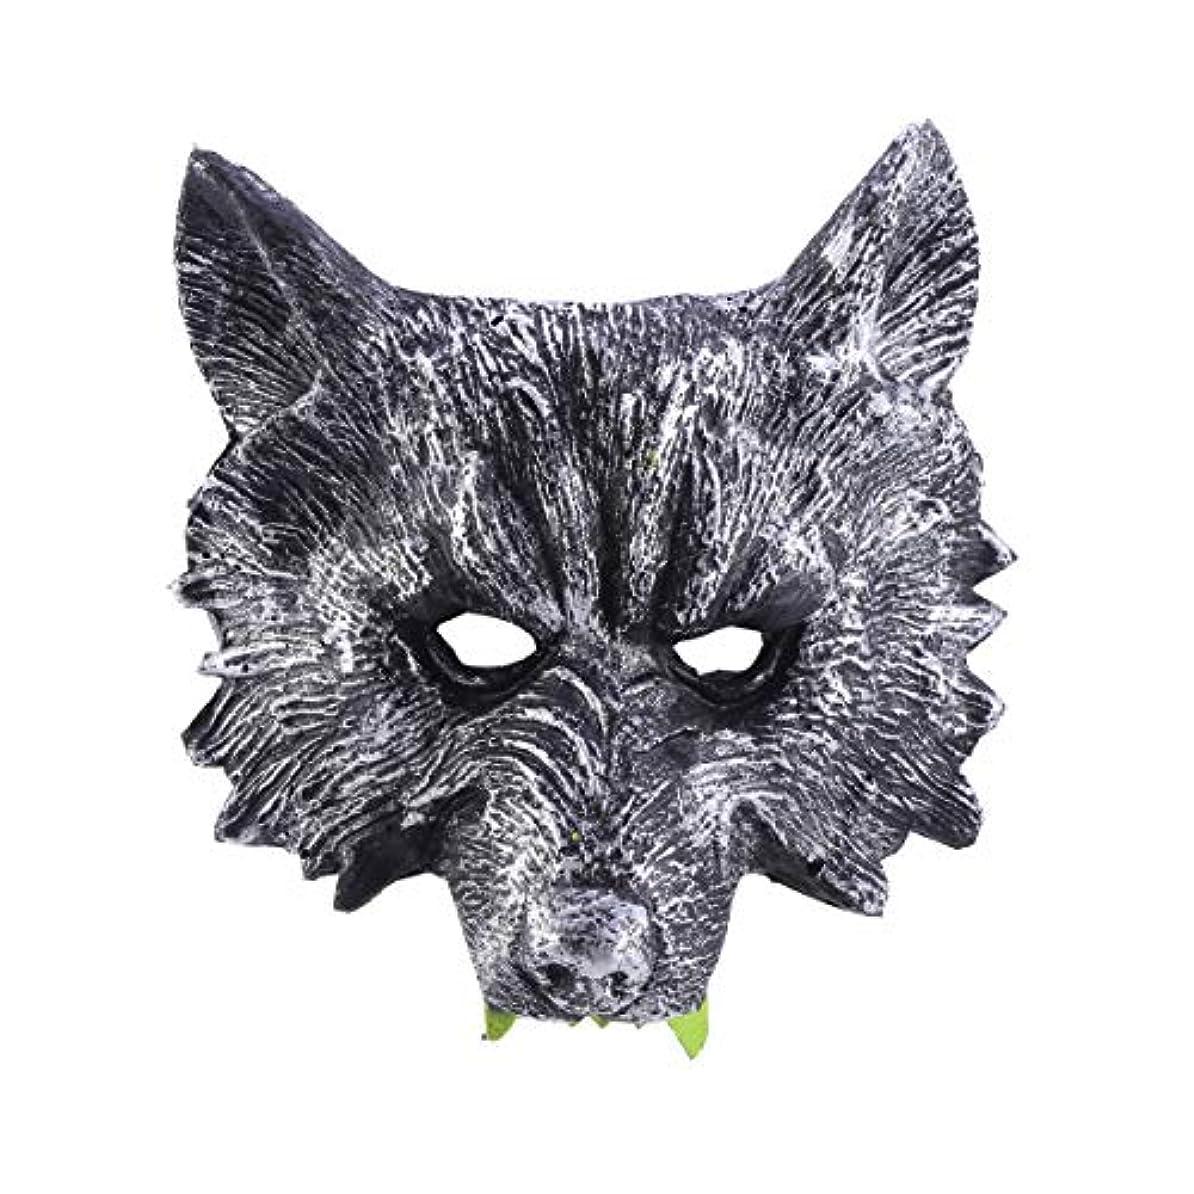 保険をかけるエステート受賞Toyvian ハロウィーン仮装パーティーのための灰色オオカミマスク